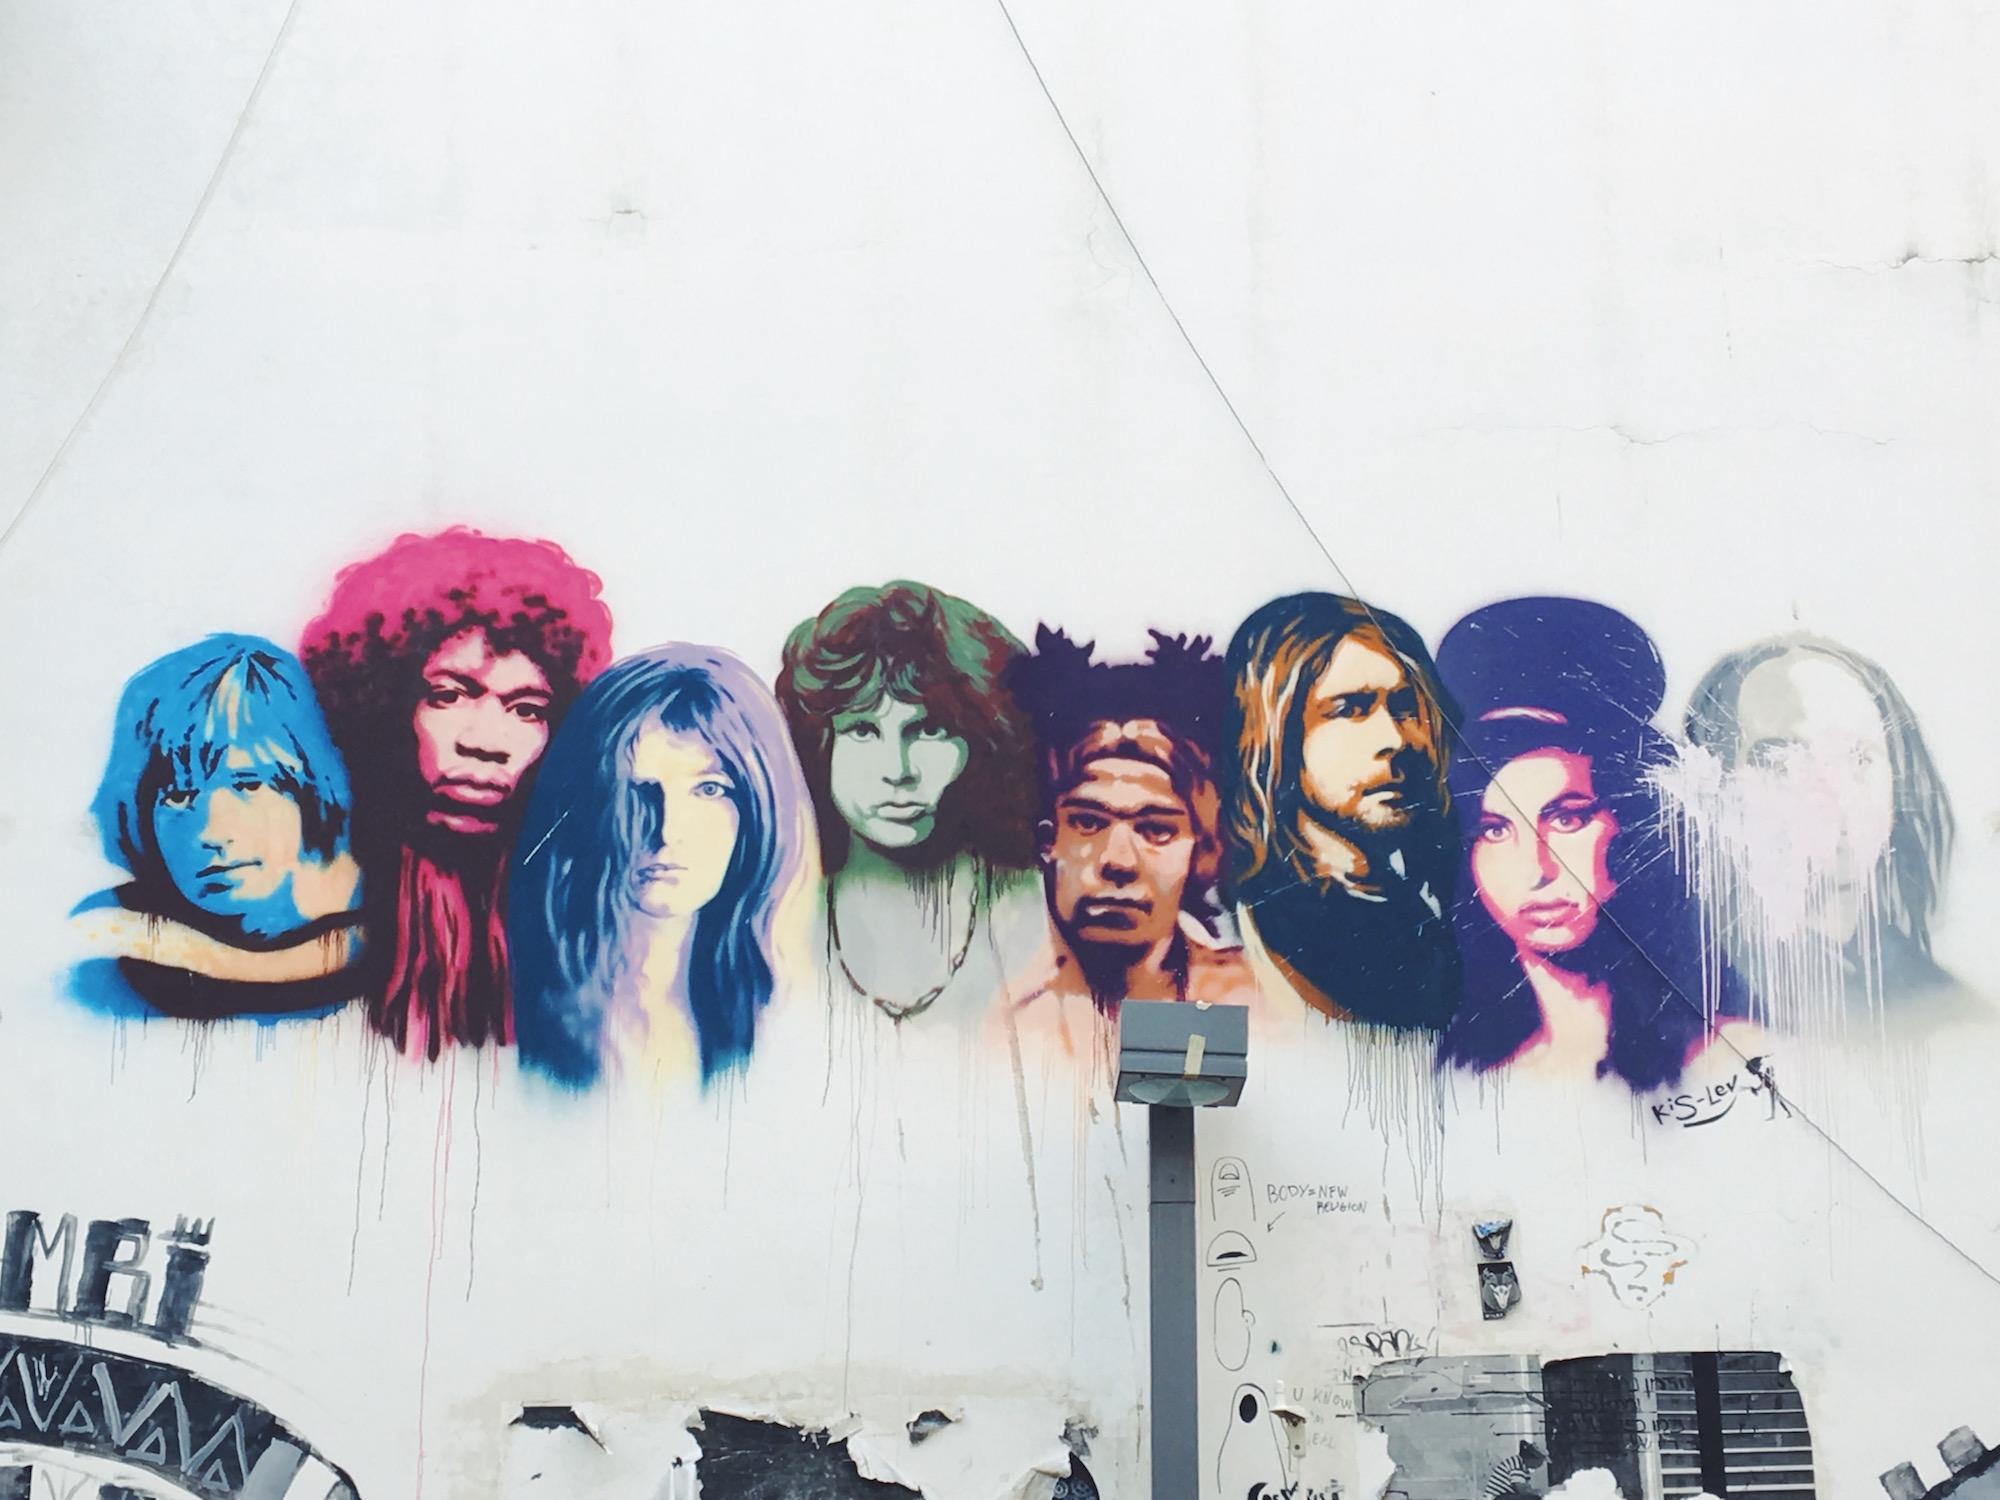 Il murales dei Club 27 a Tel Aviv, nel quartiere dei graffiti Florentin